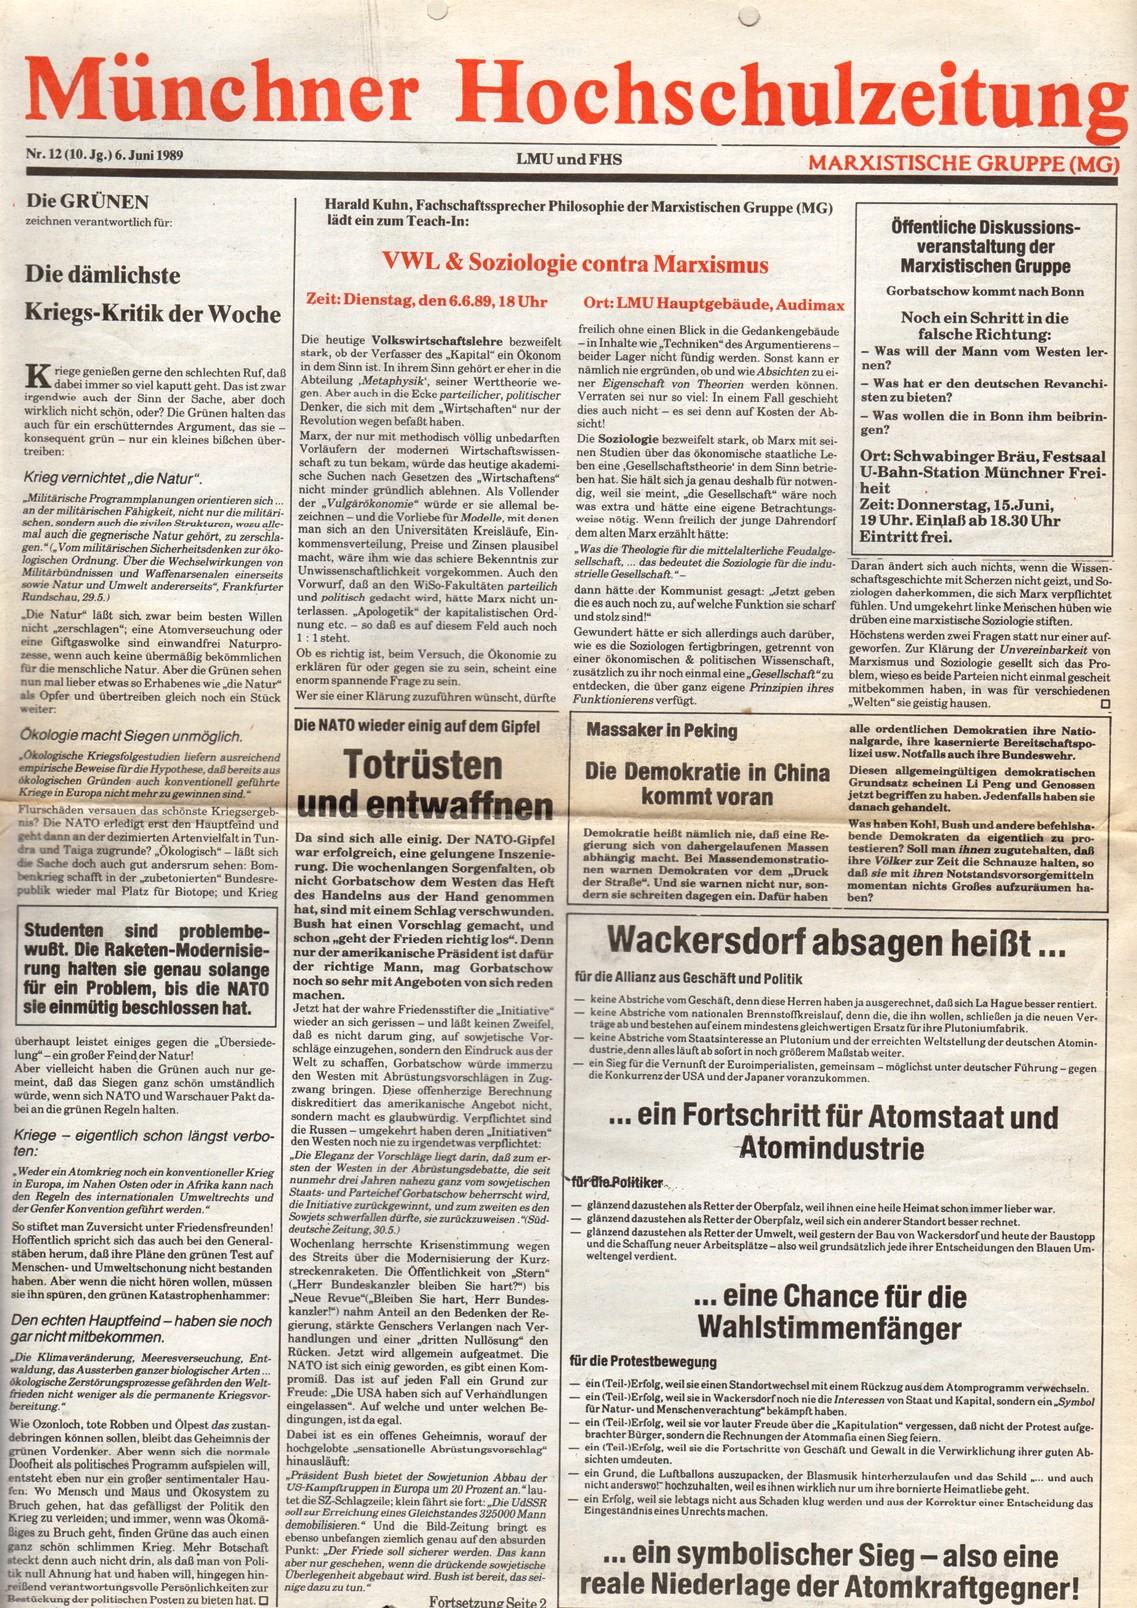 Muenchen_MG_Hochschulzeitung_19890606_01